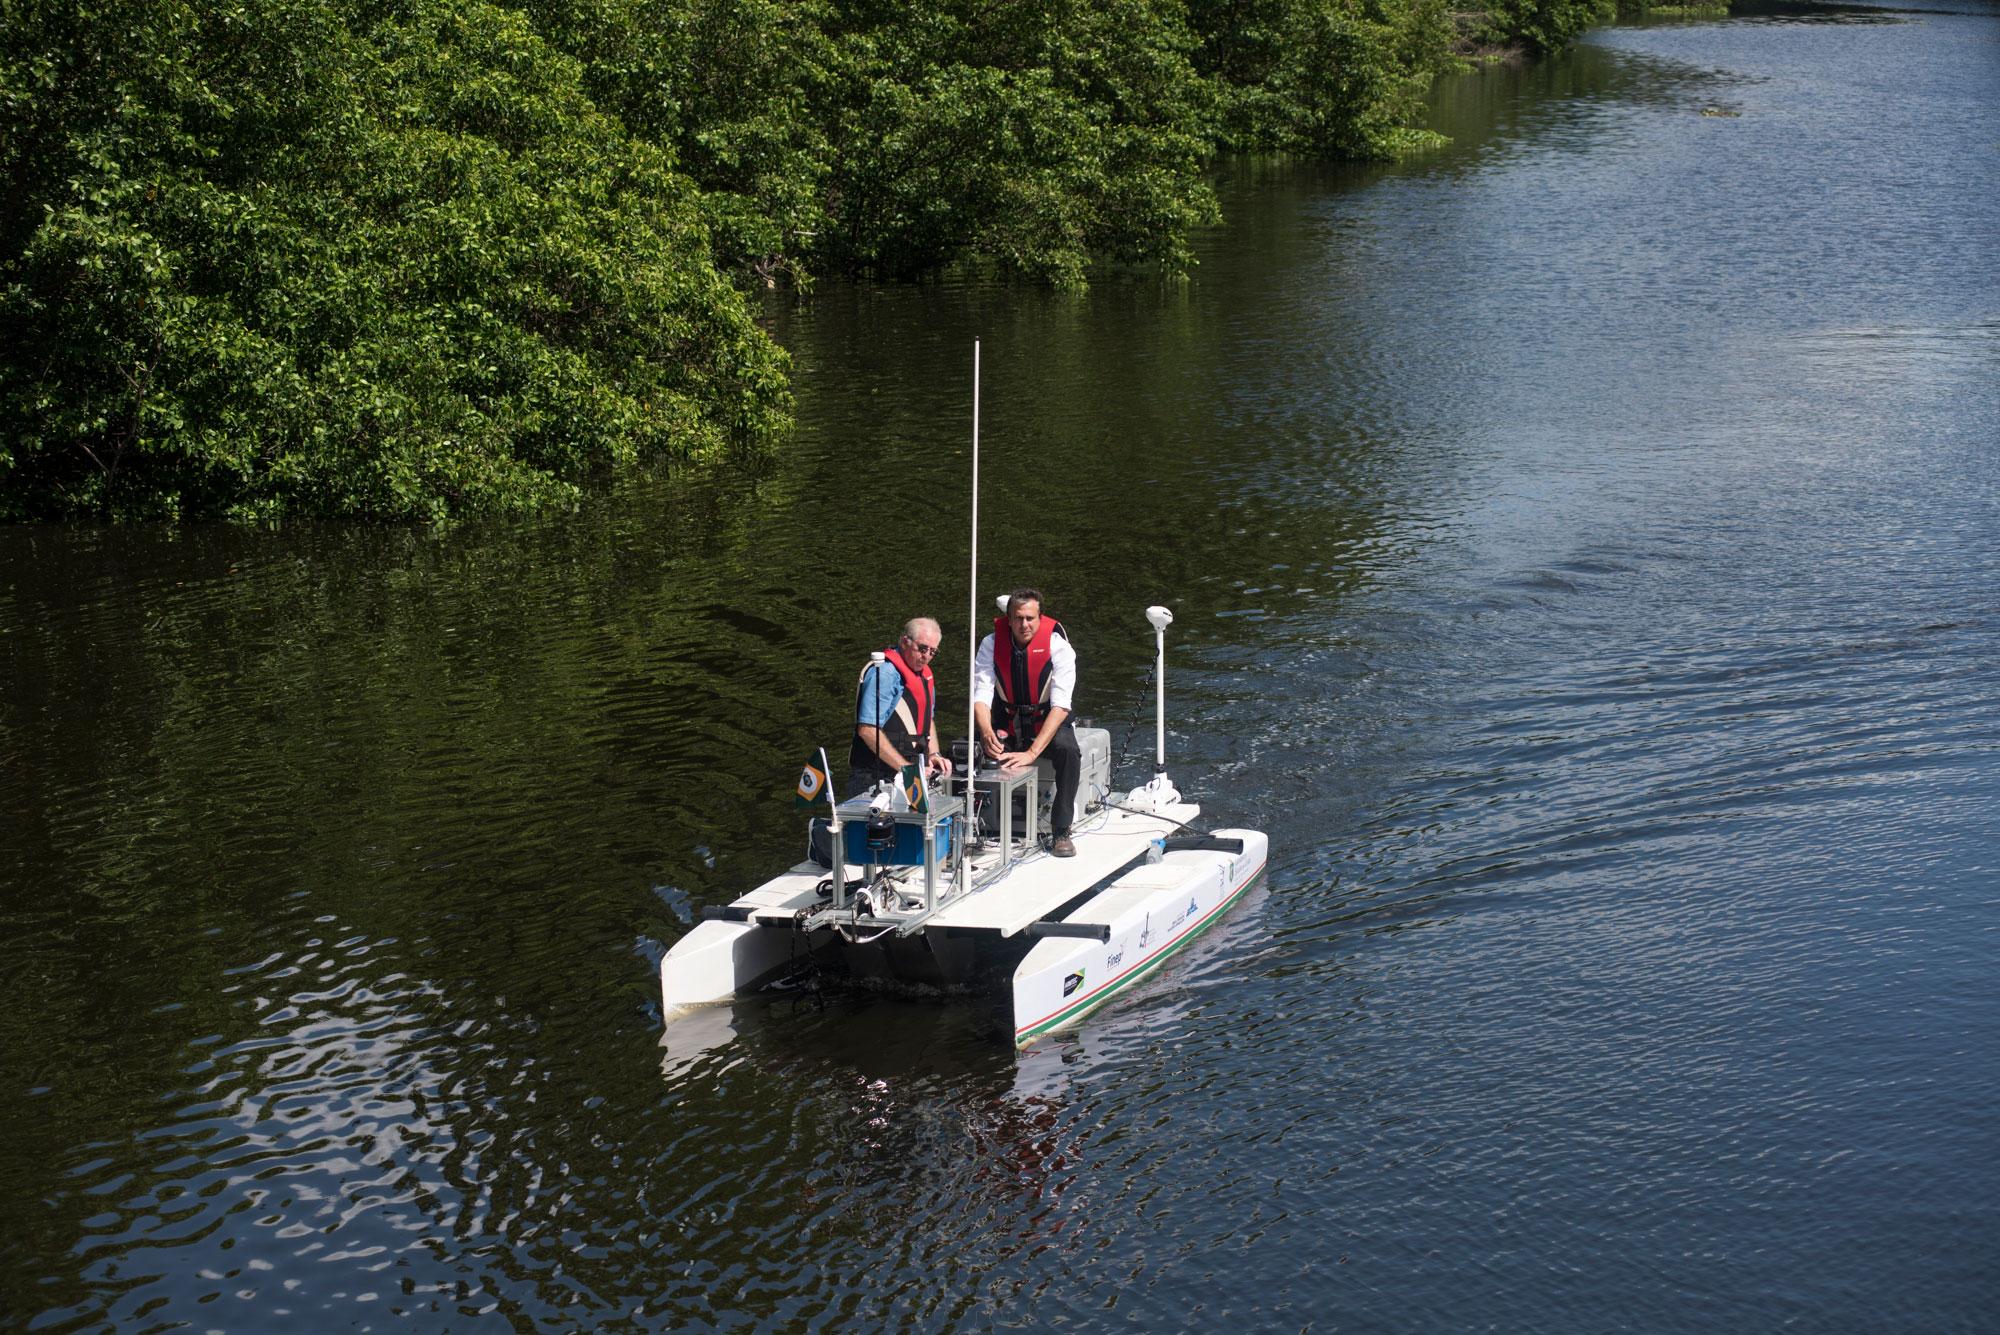 Barco robótico funciona de forma autônoma como laboratório móvel